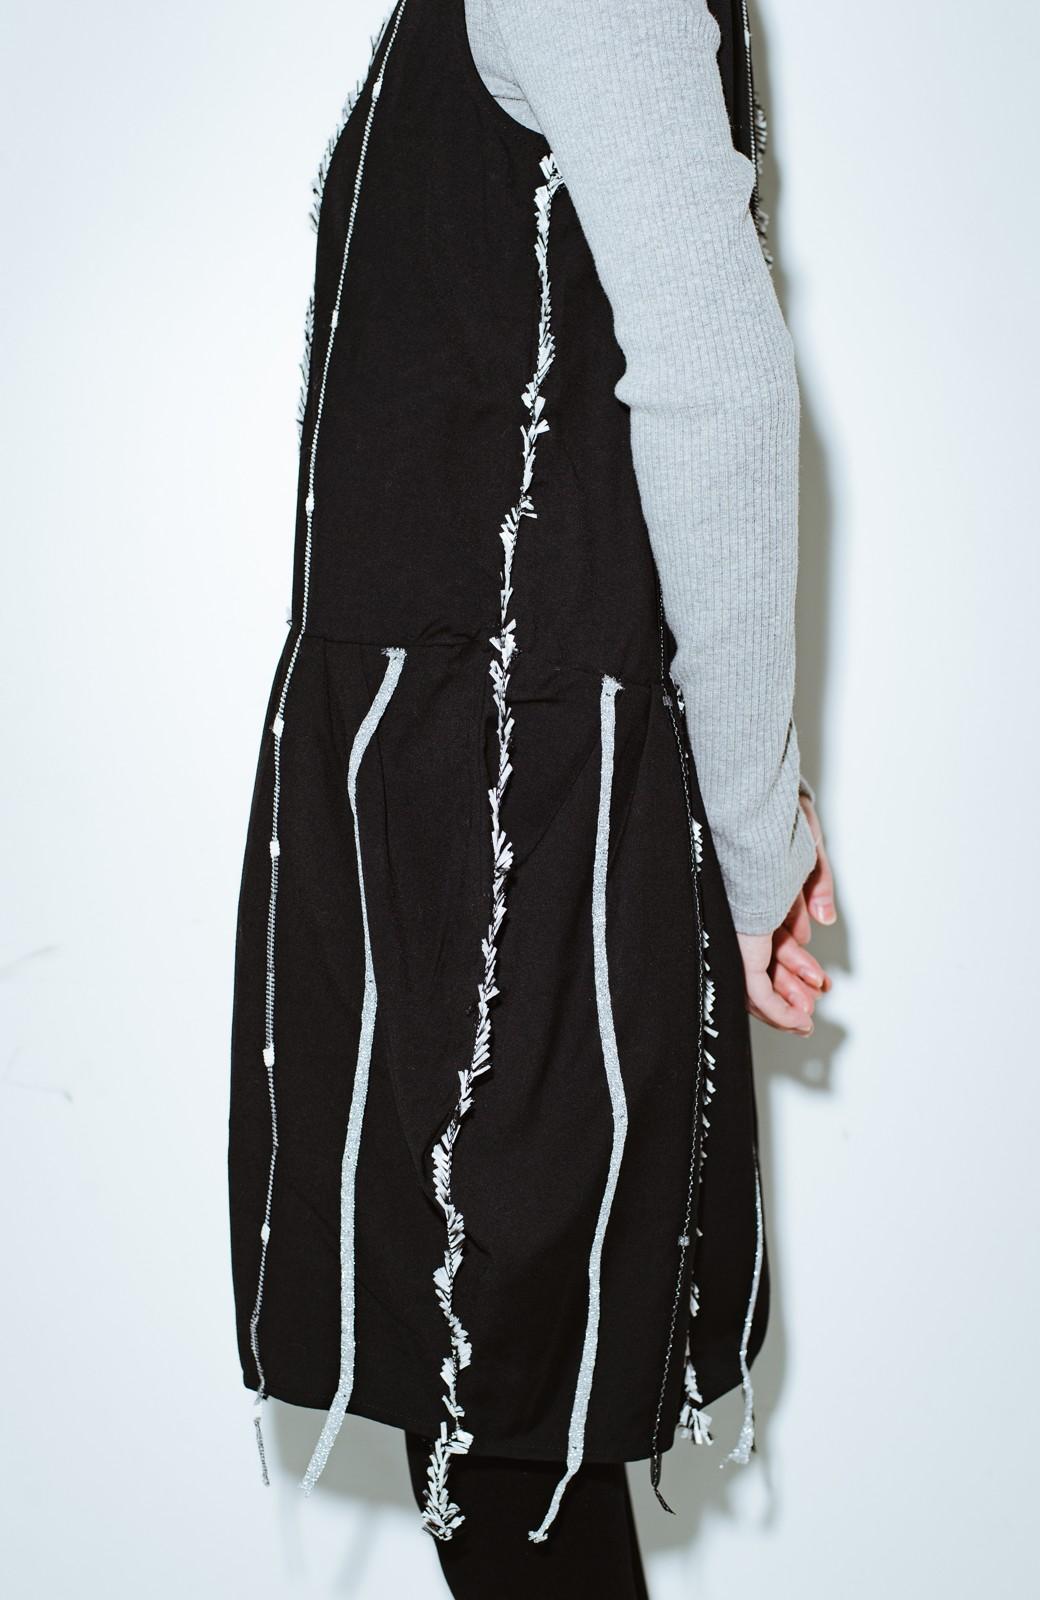 haco! co&tion 田中佑佳Zebra(09 milling crowd)黒ワンピ【アーティスト監修10点もの】 <ブラック>の商品写真2